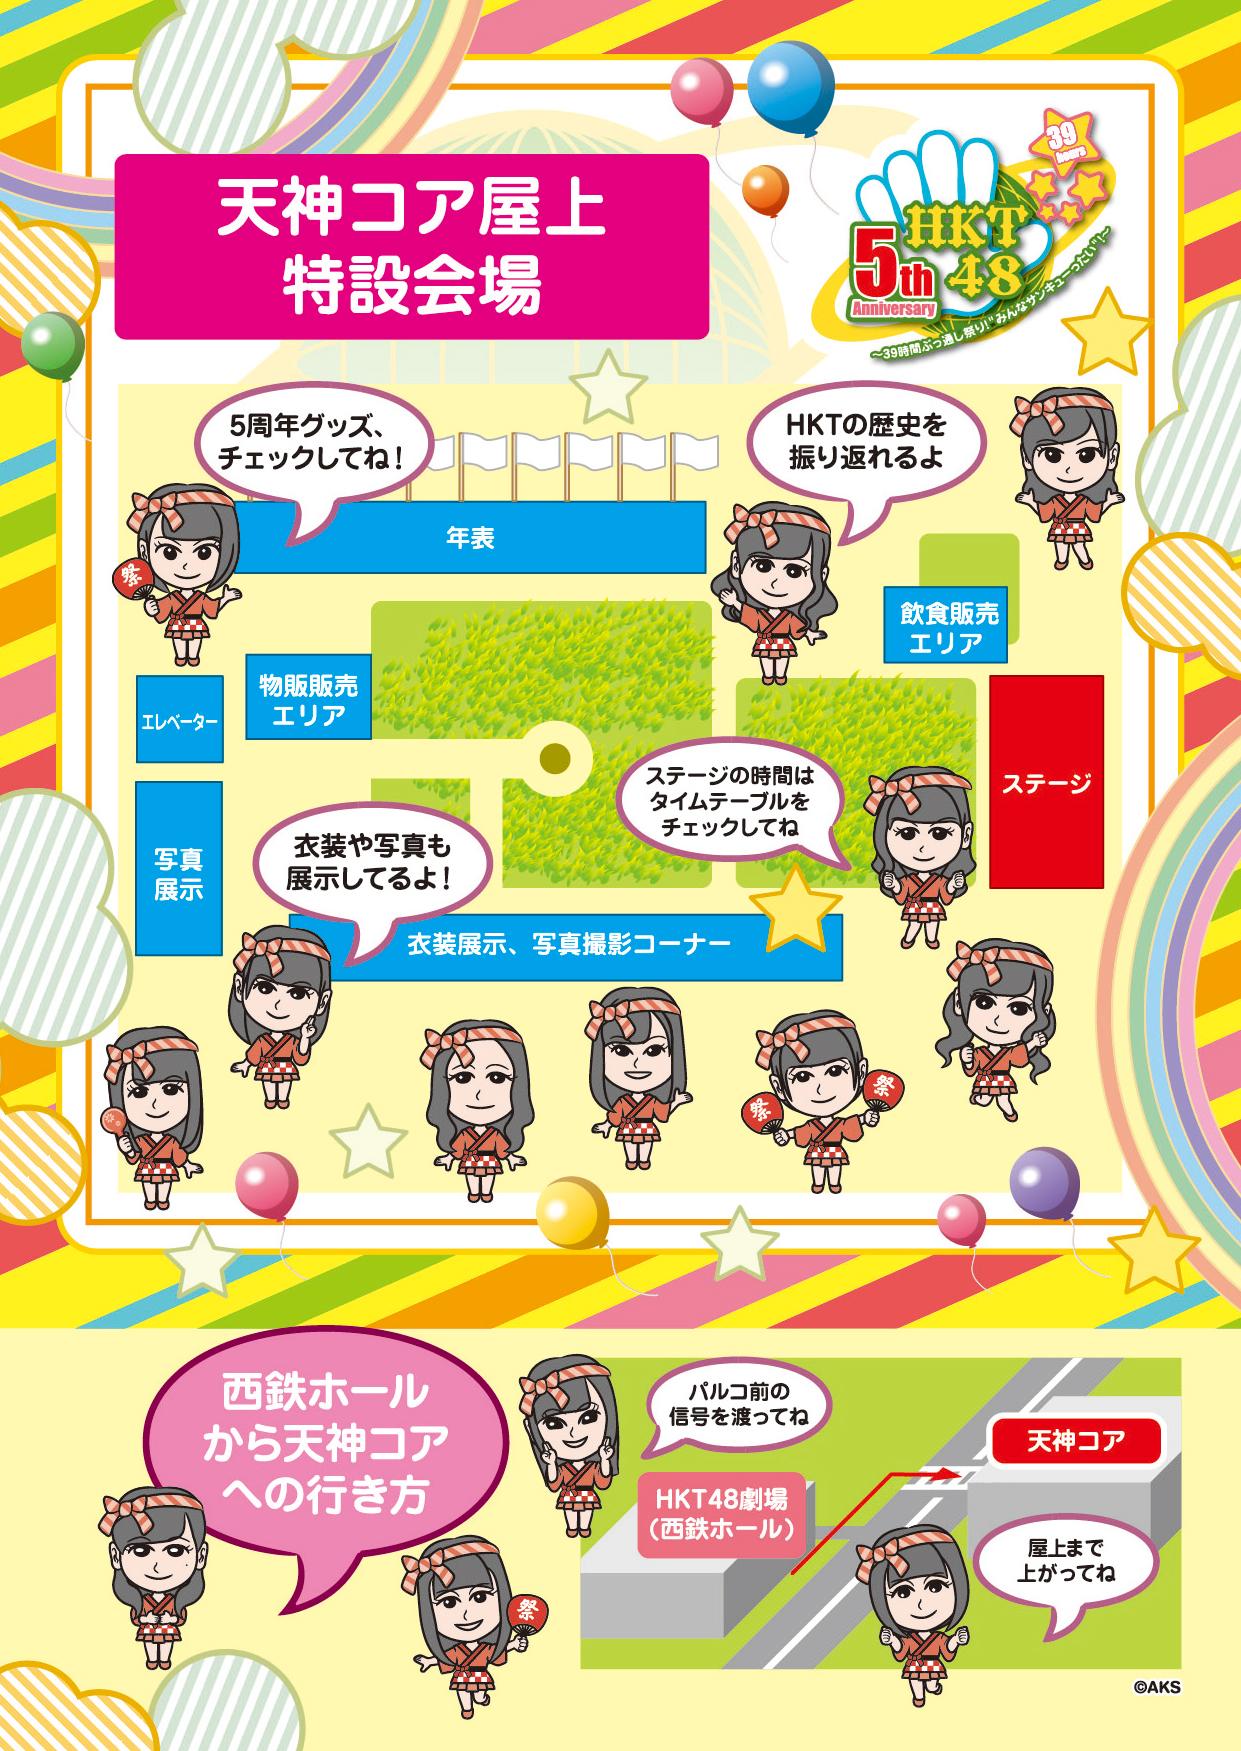 HKT48 5周年 会場MAP